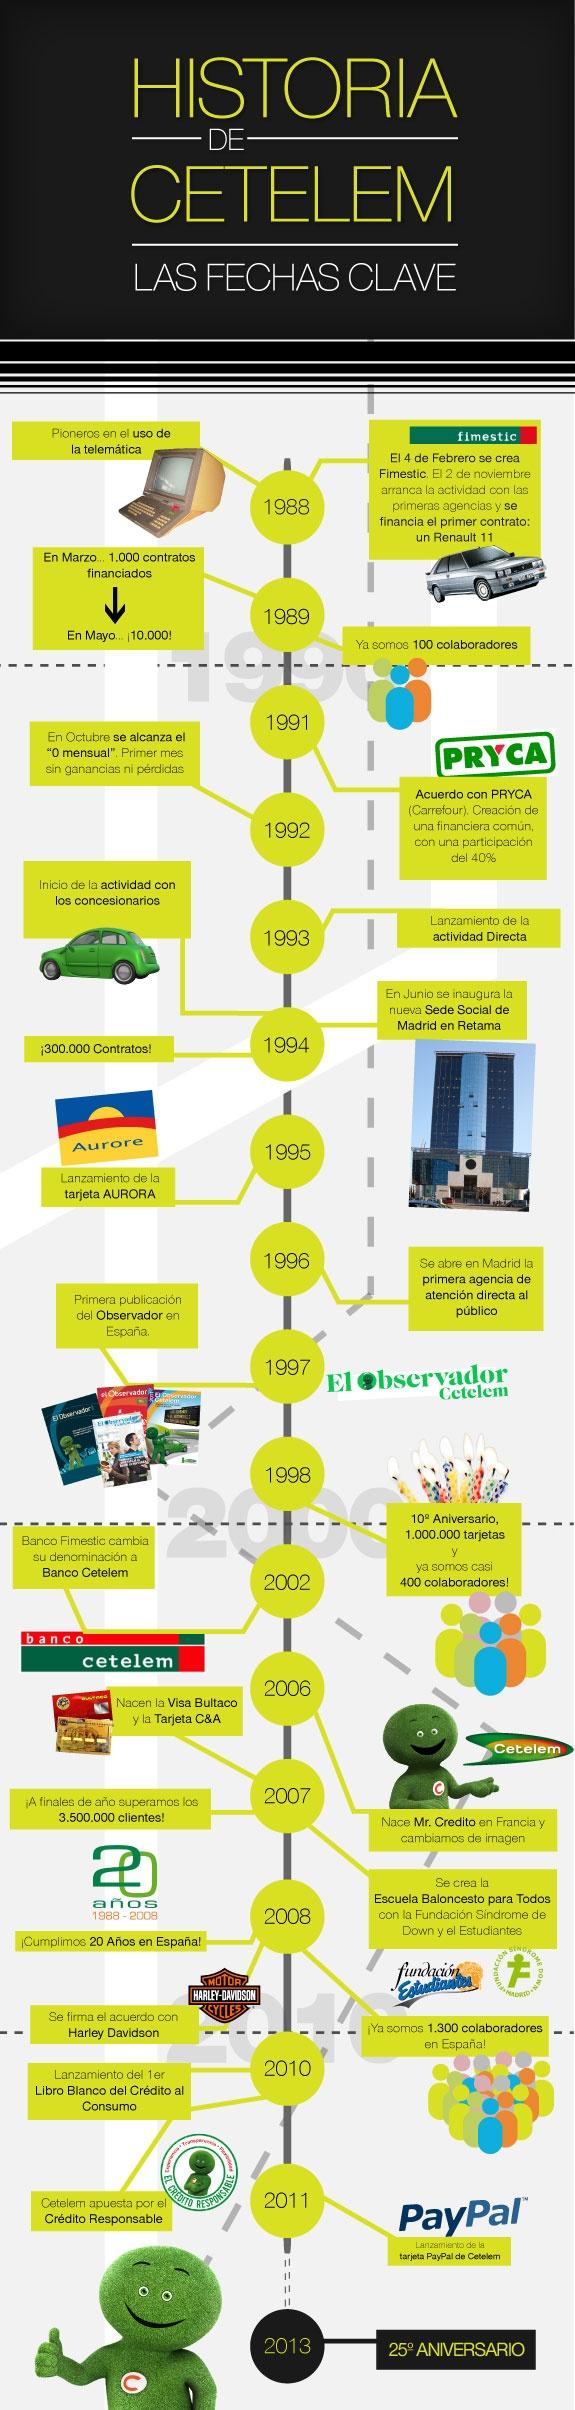 Historia de Cetelem en España desde 1988